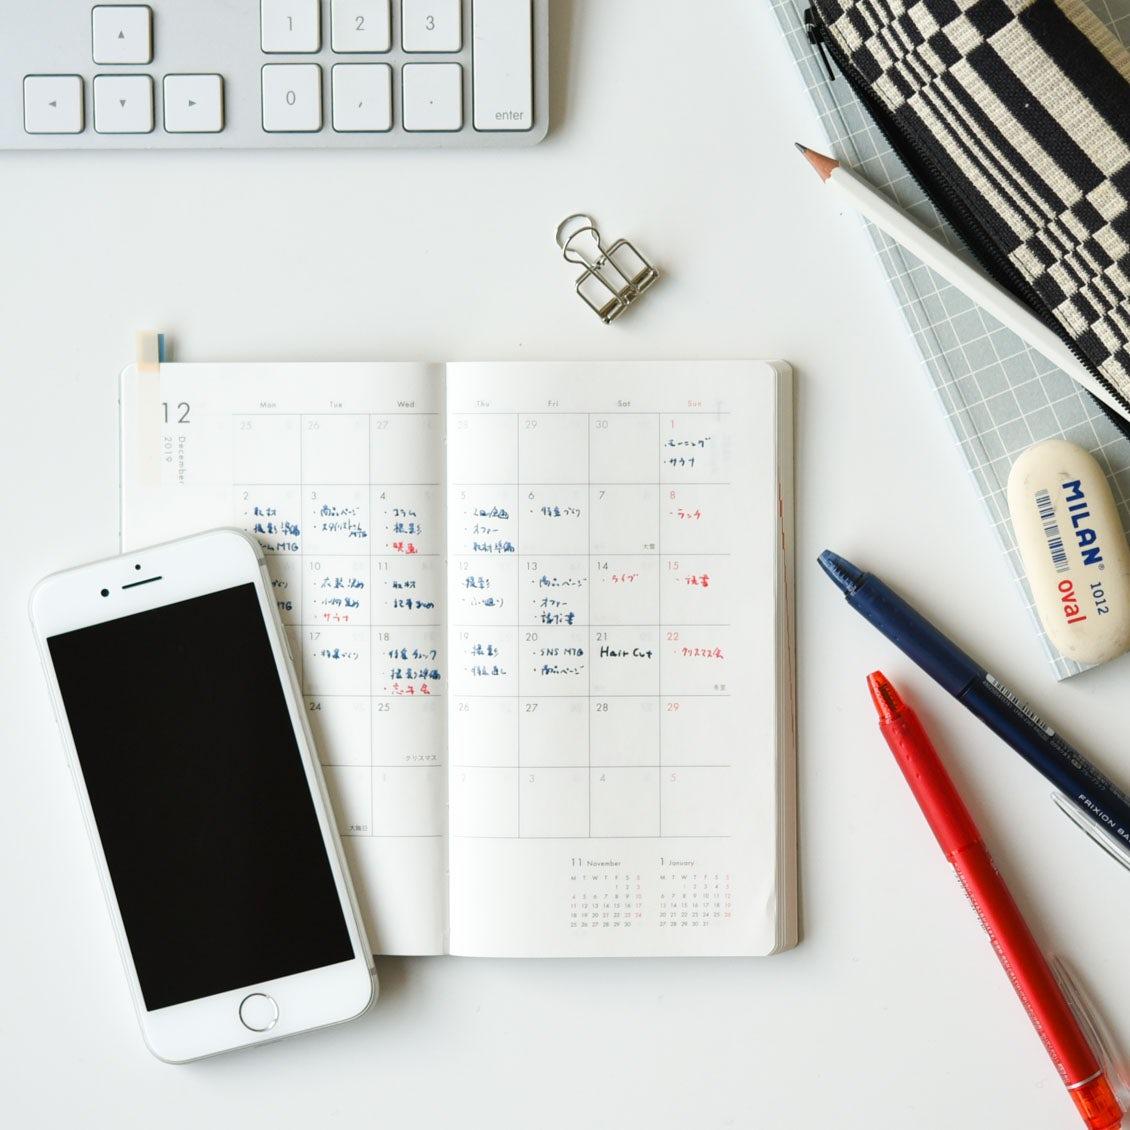 【手帳の書き方】後編:やりたいことリストには所用時間も書いておく!手帳を続ける3つのコツ。